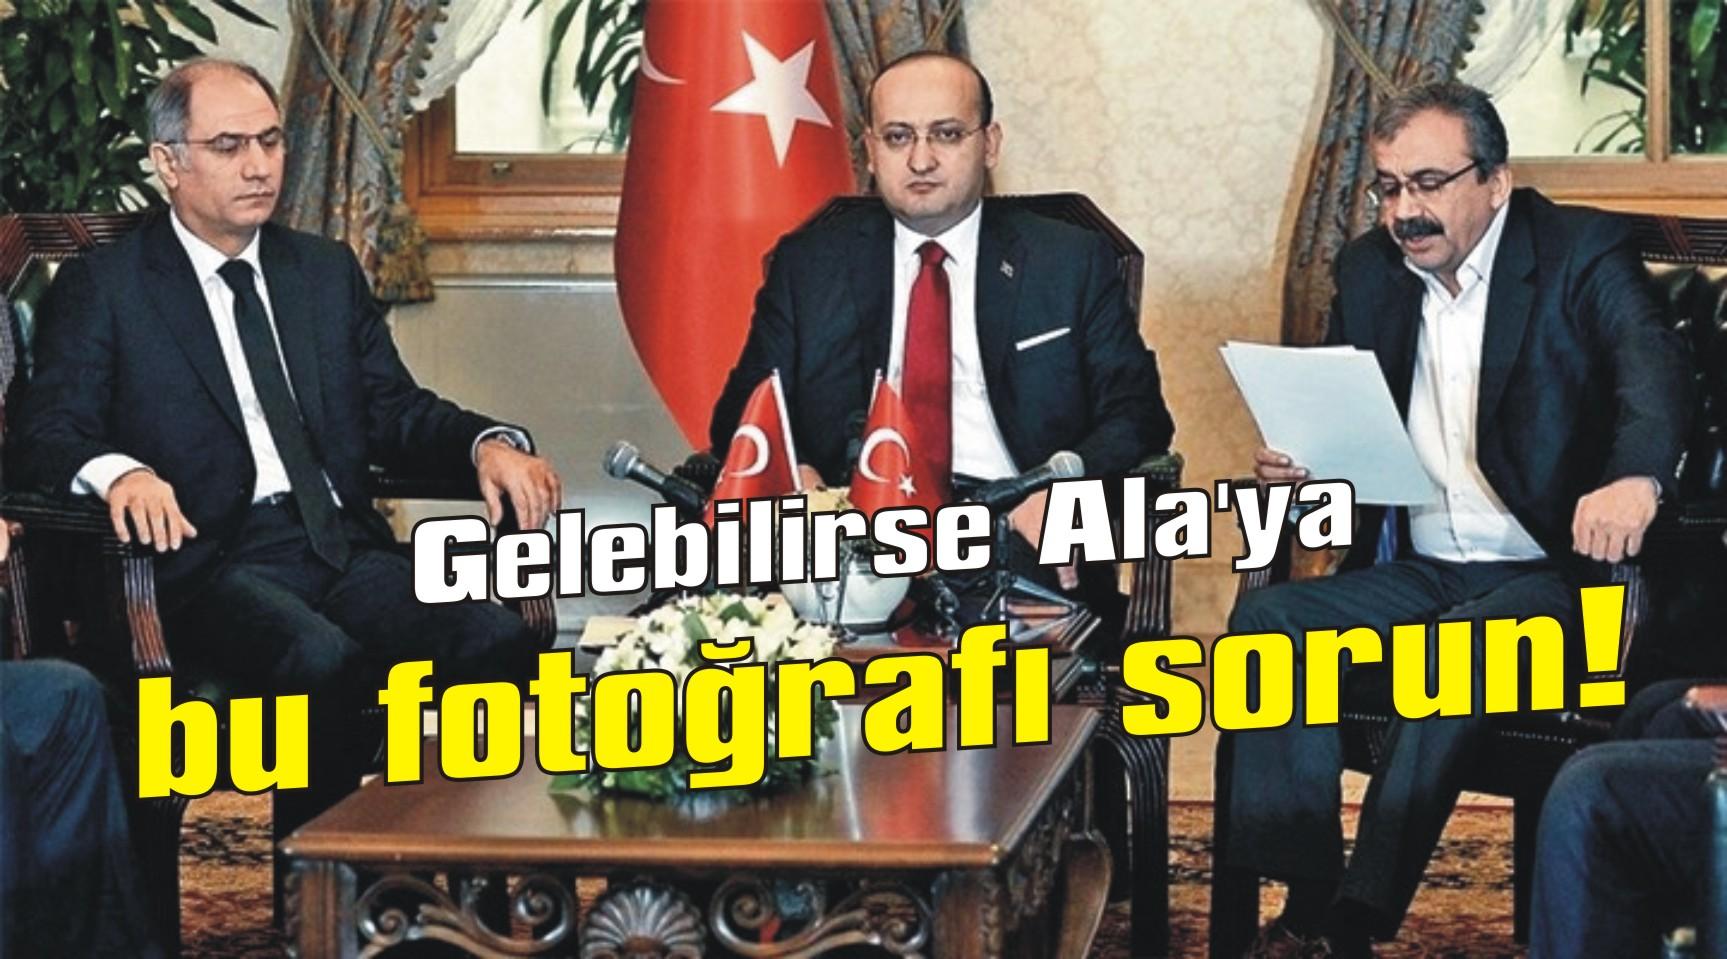 Ala'ya bu fotoğrafı sorun!